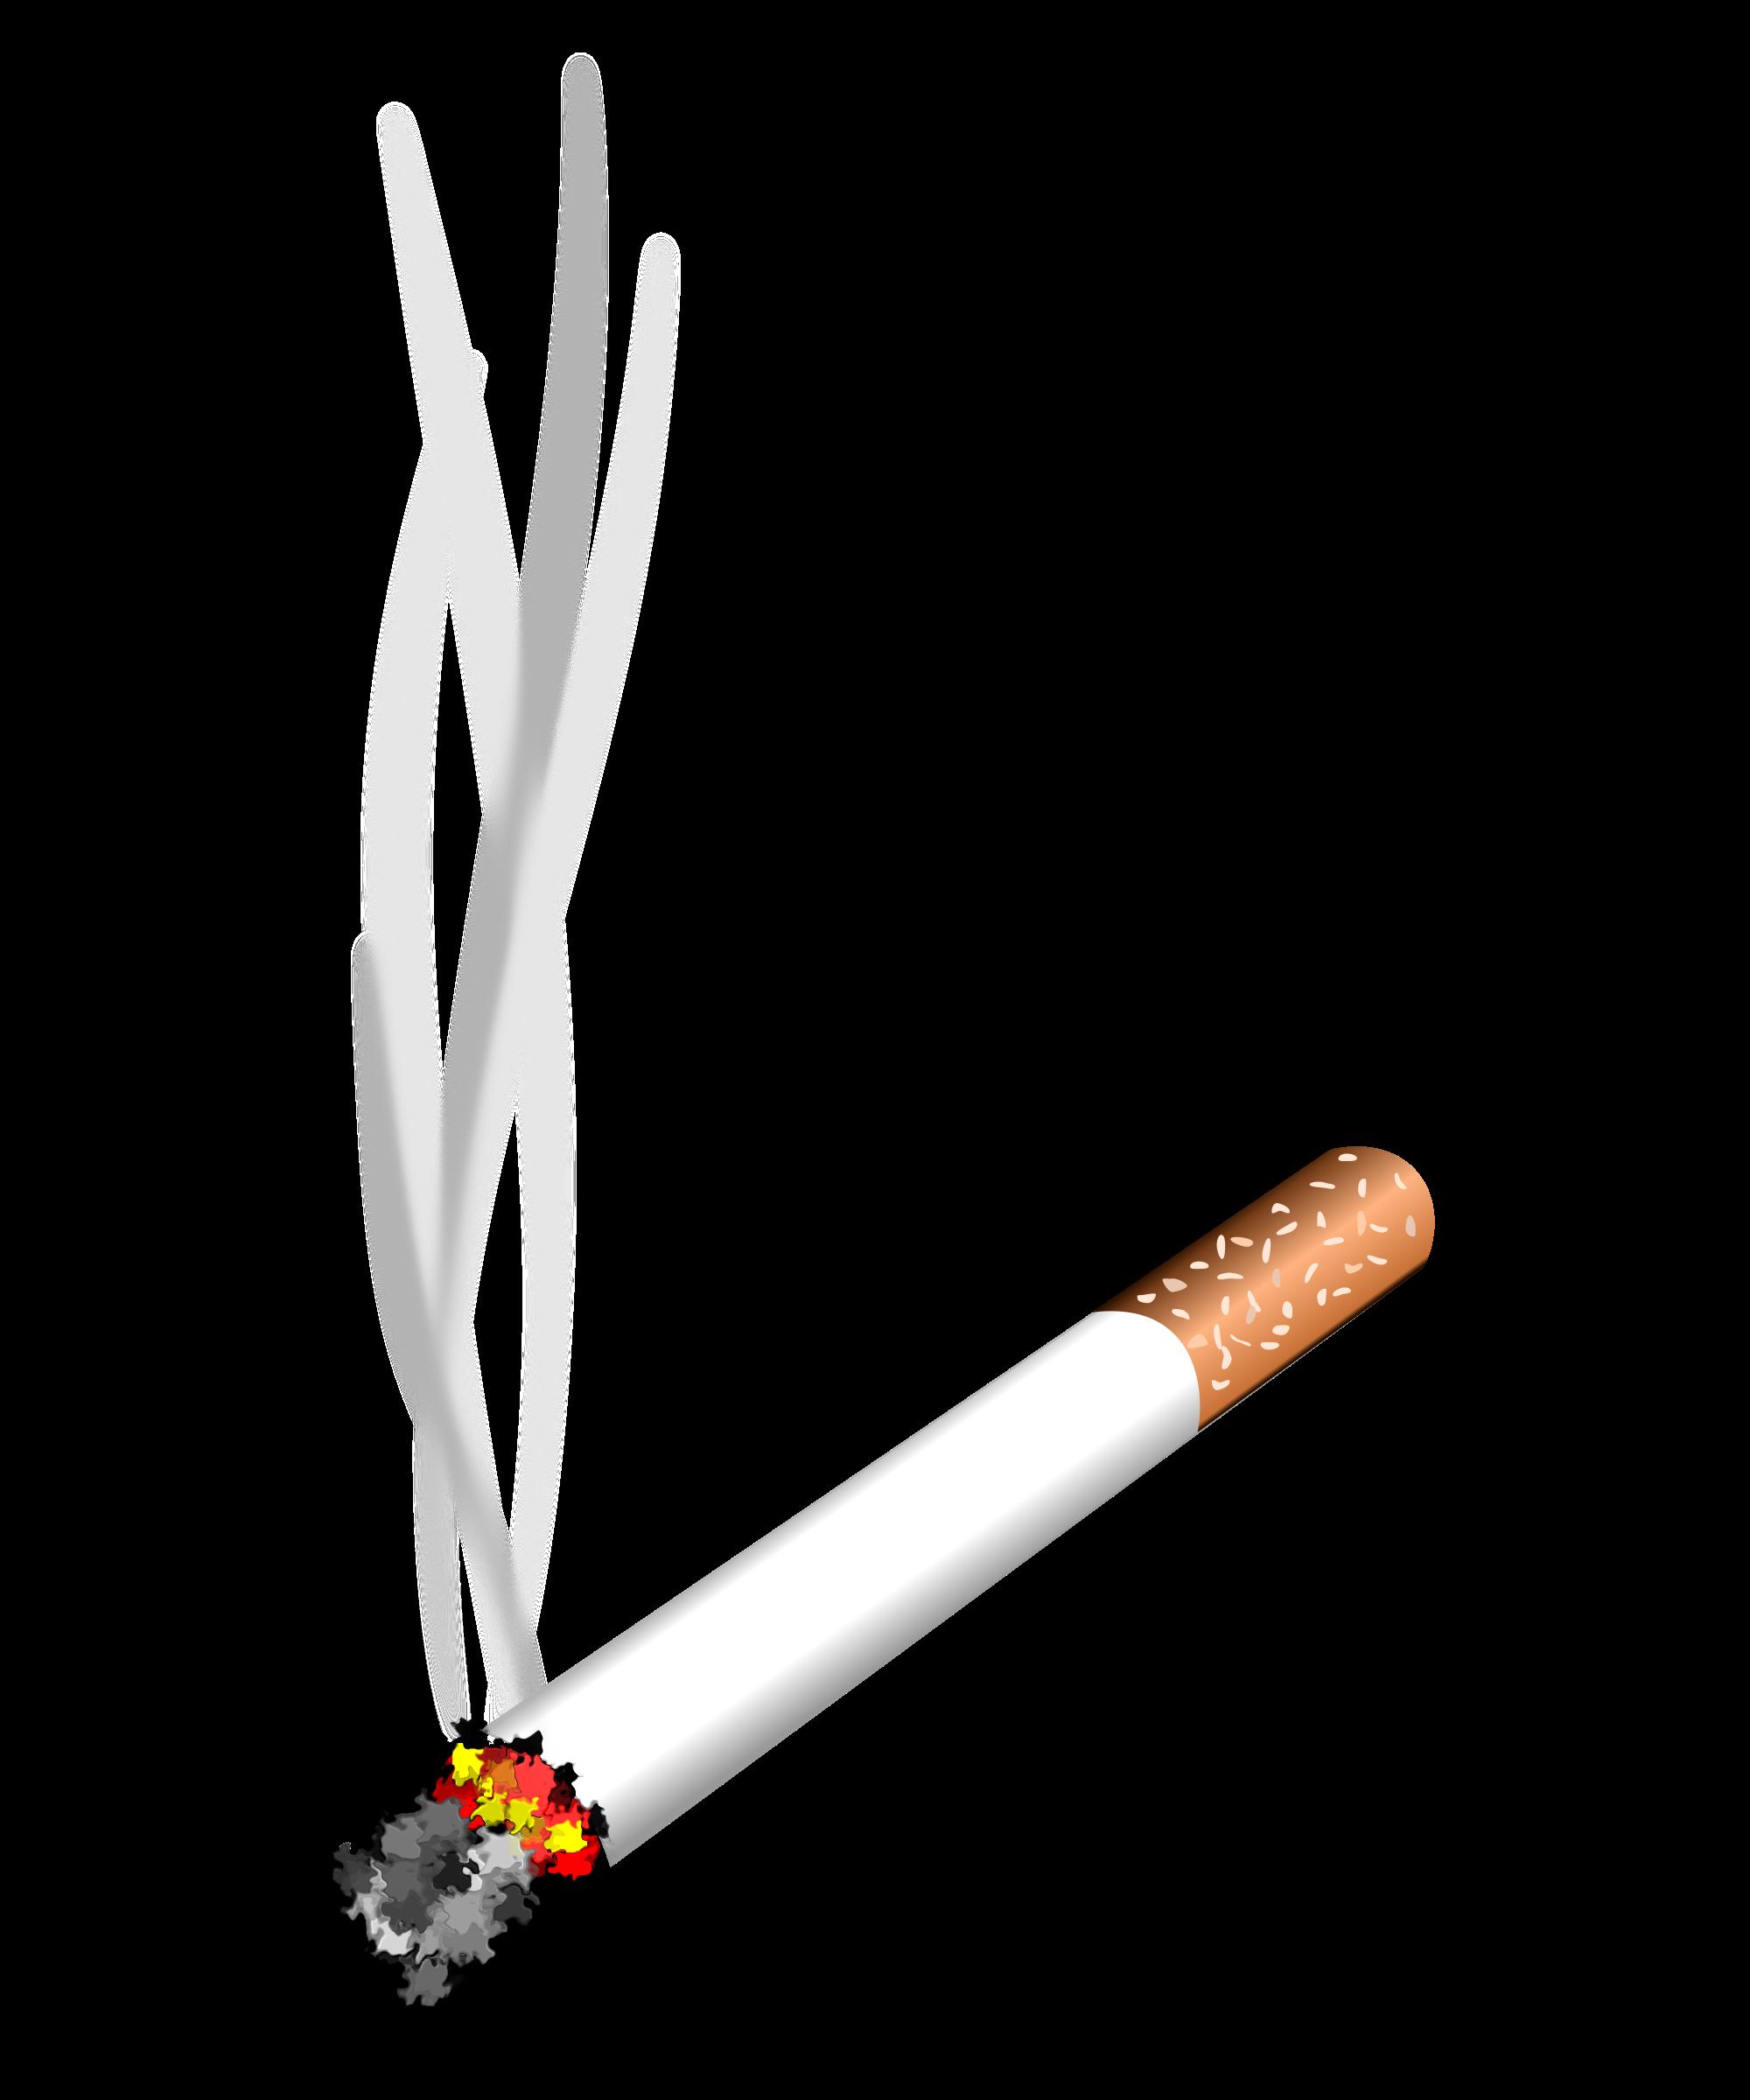 Clipart Cigarette Gratuit.